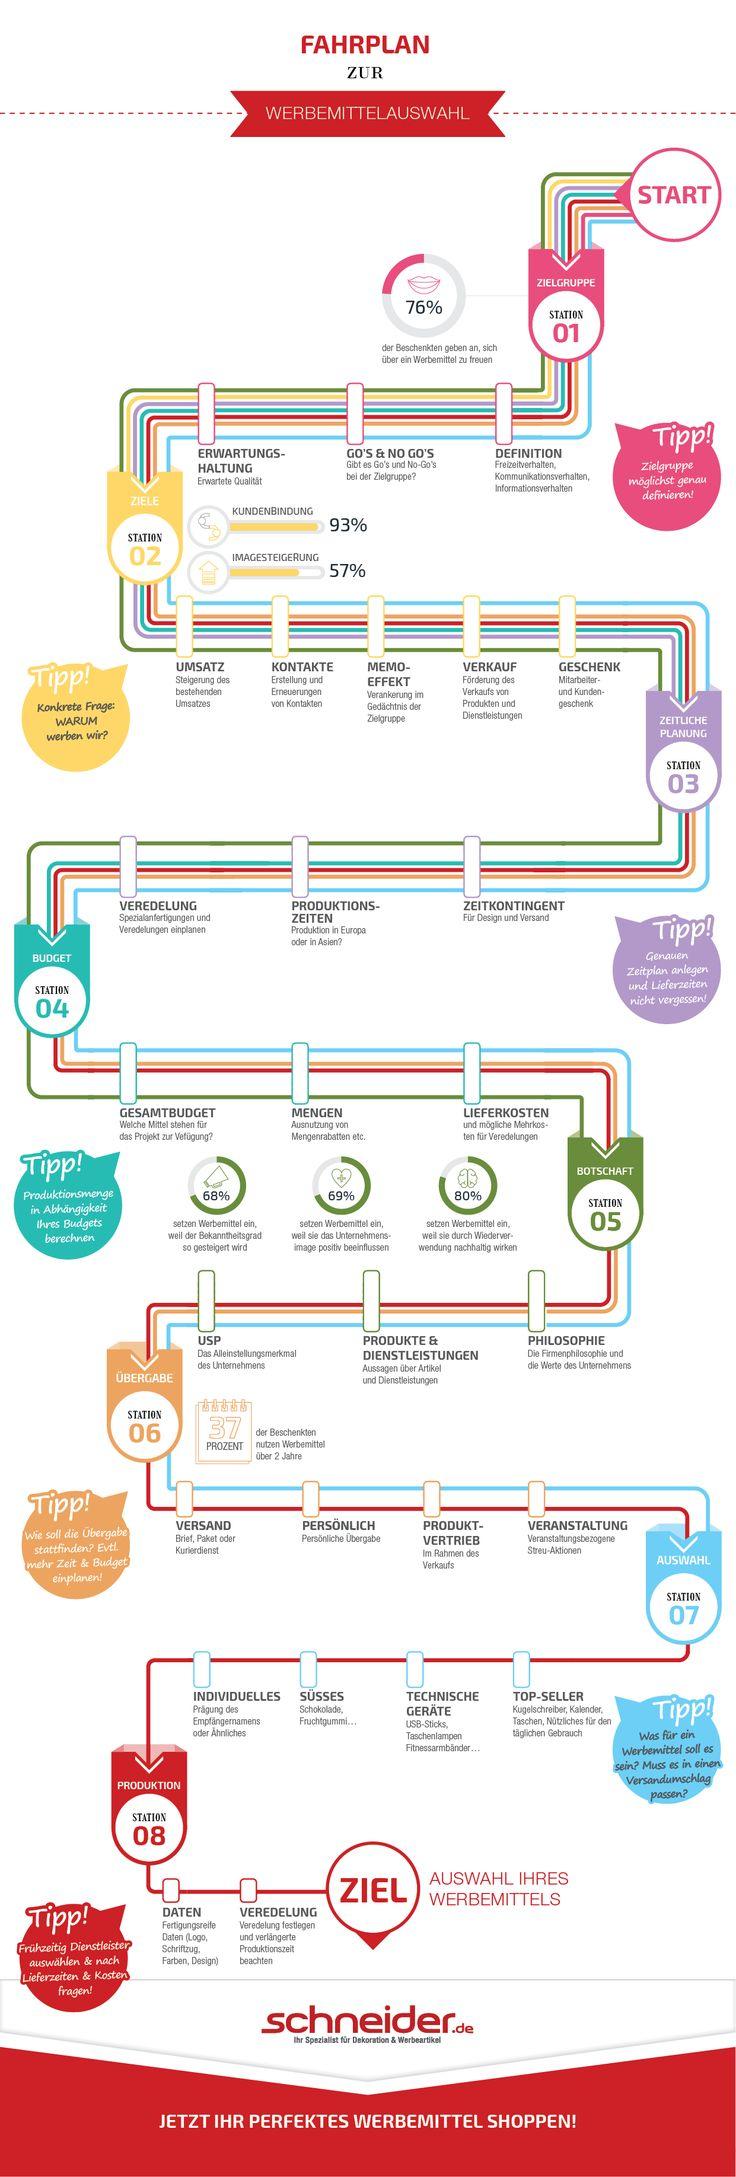 Fahrplan zur Werbemittelauswahl für Schneider Werbemittel